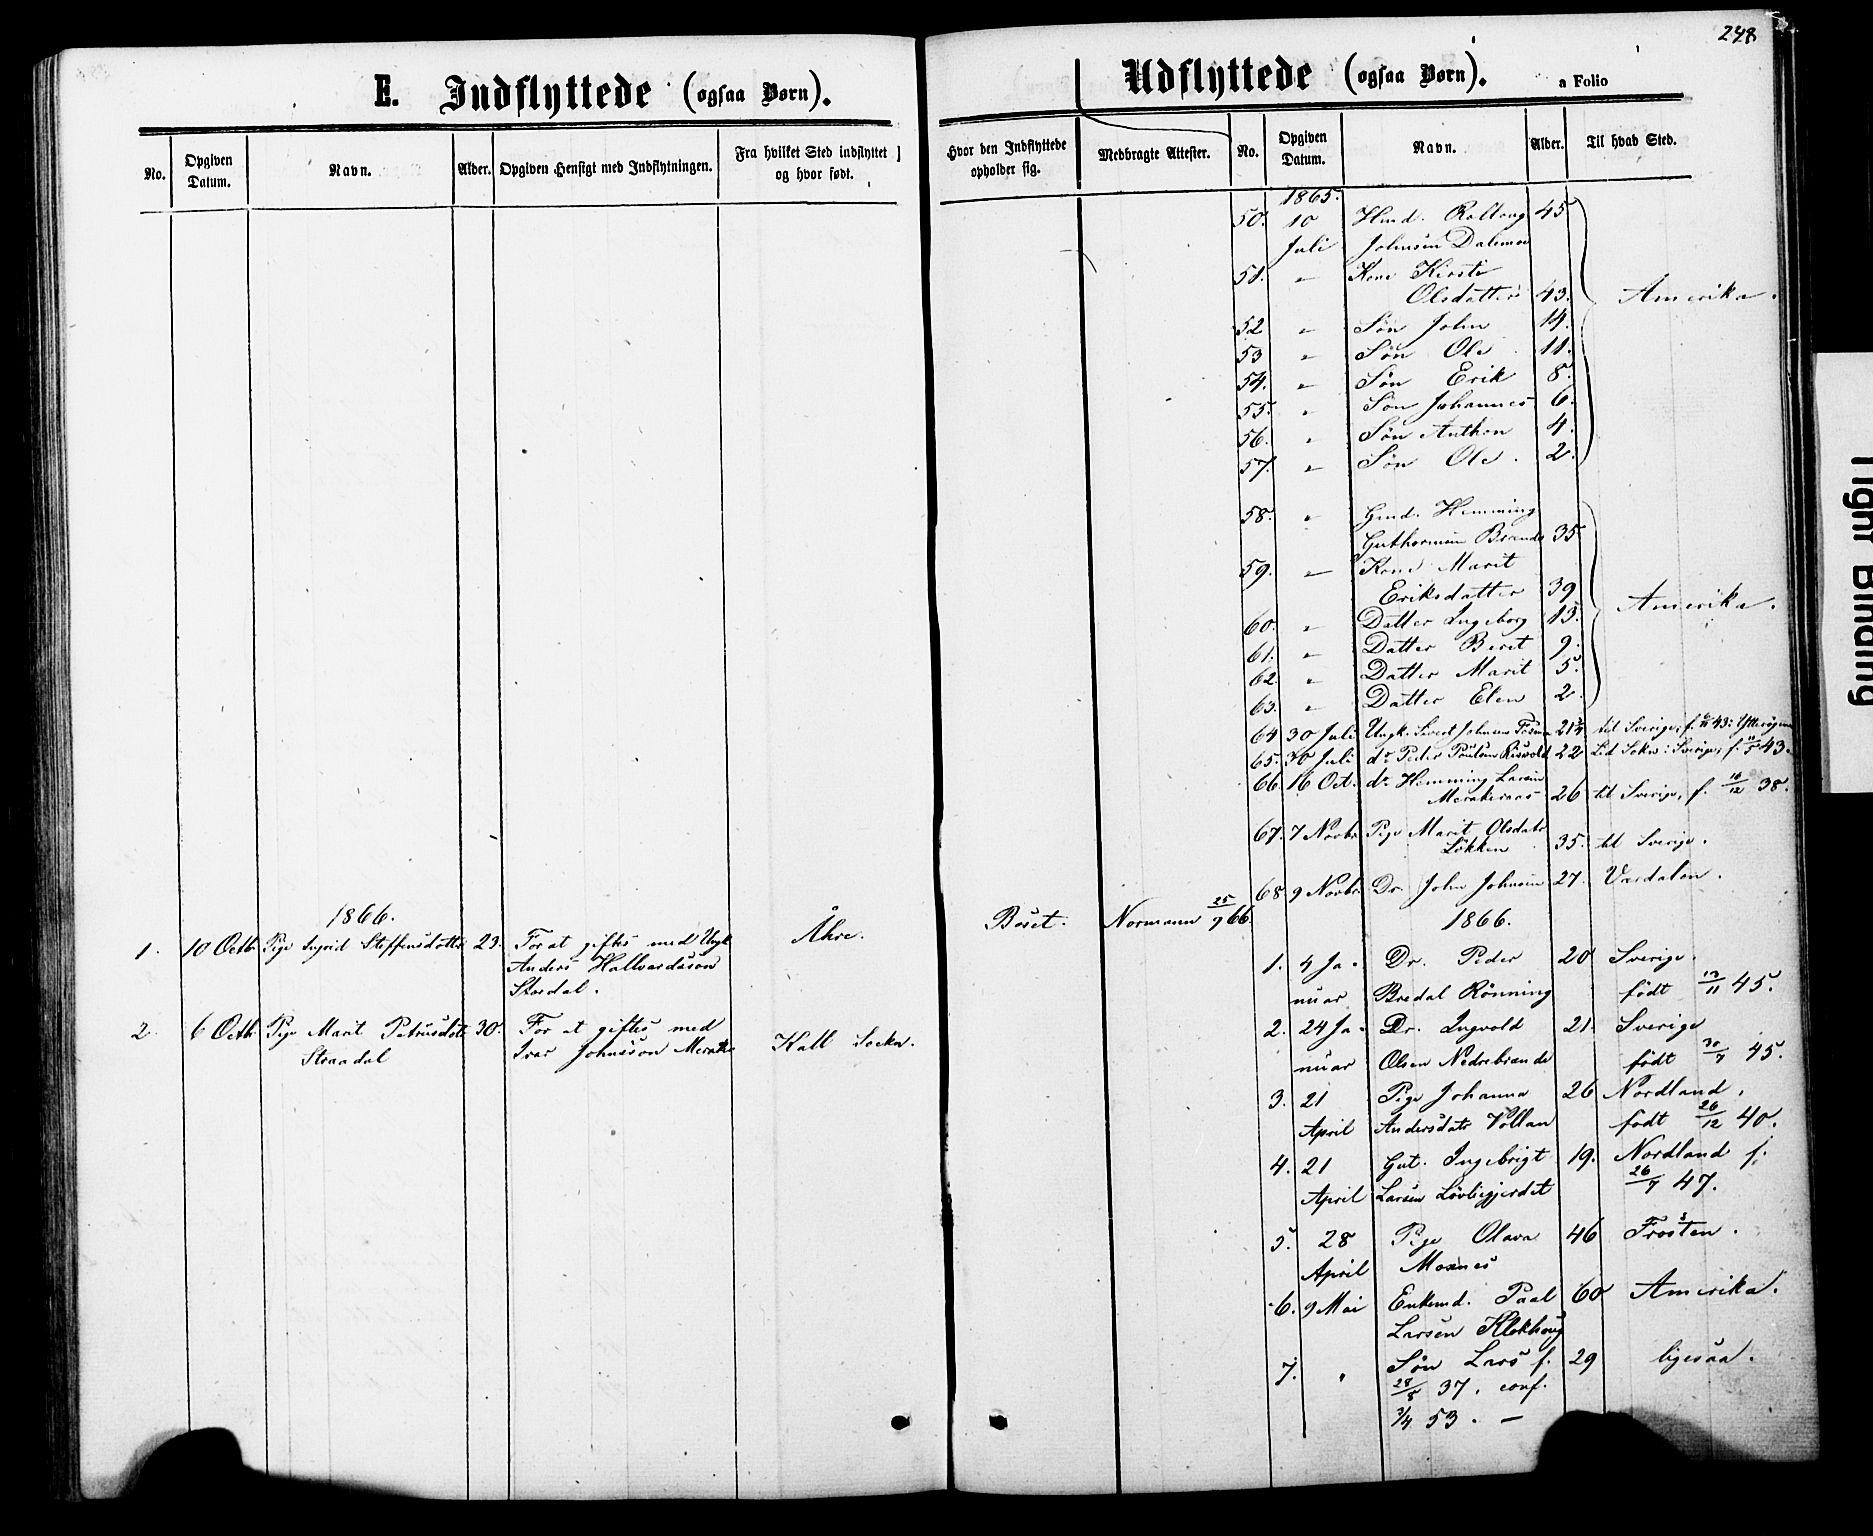 SAT, Ministerialprotokoller, klokkerbøker og fødselsregistre - Nord-Trøndelag, 706/L0049: Parish register (copy) no. 706C01, 1864-1895, p. 248